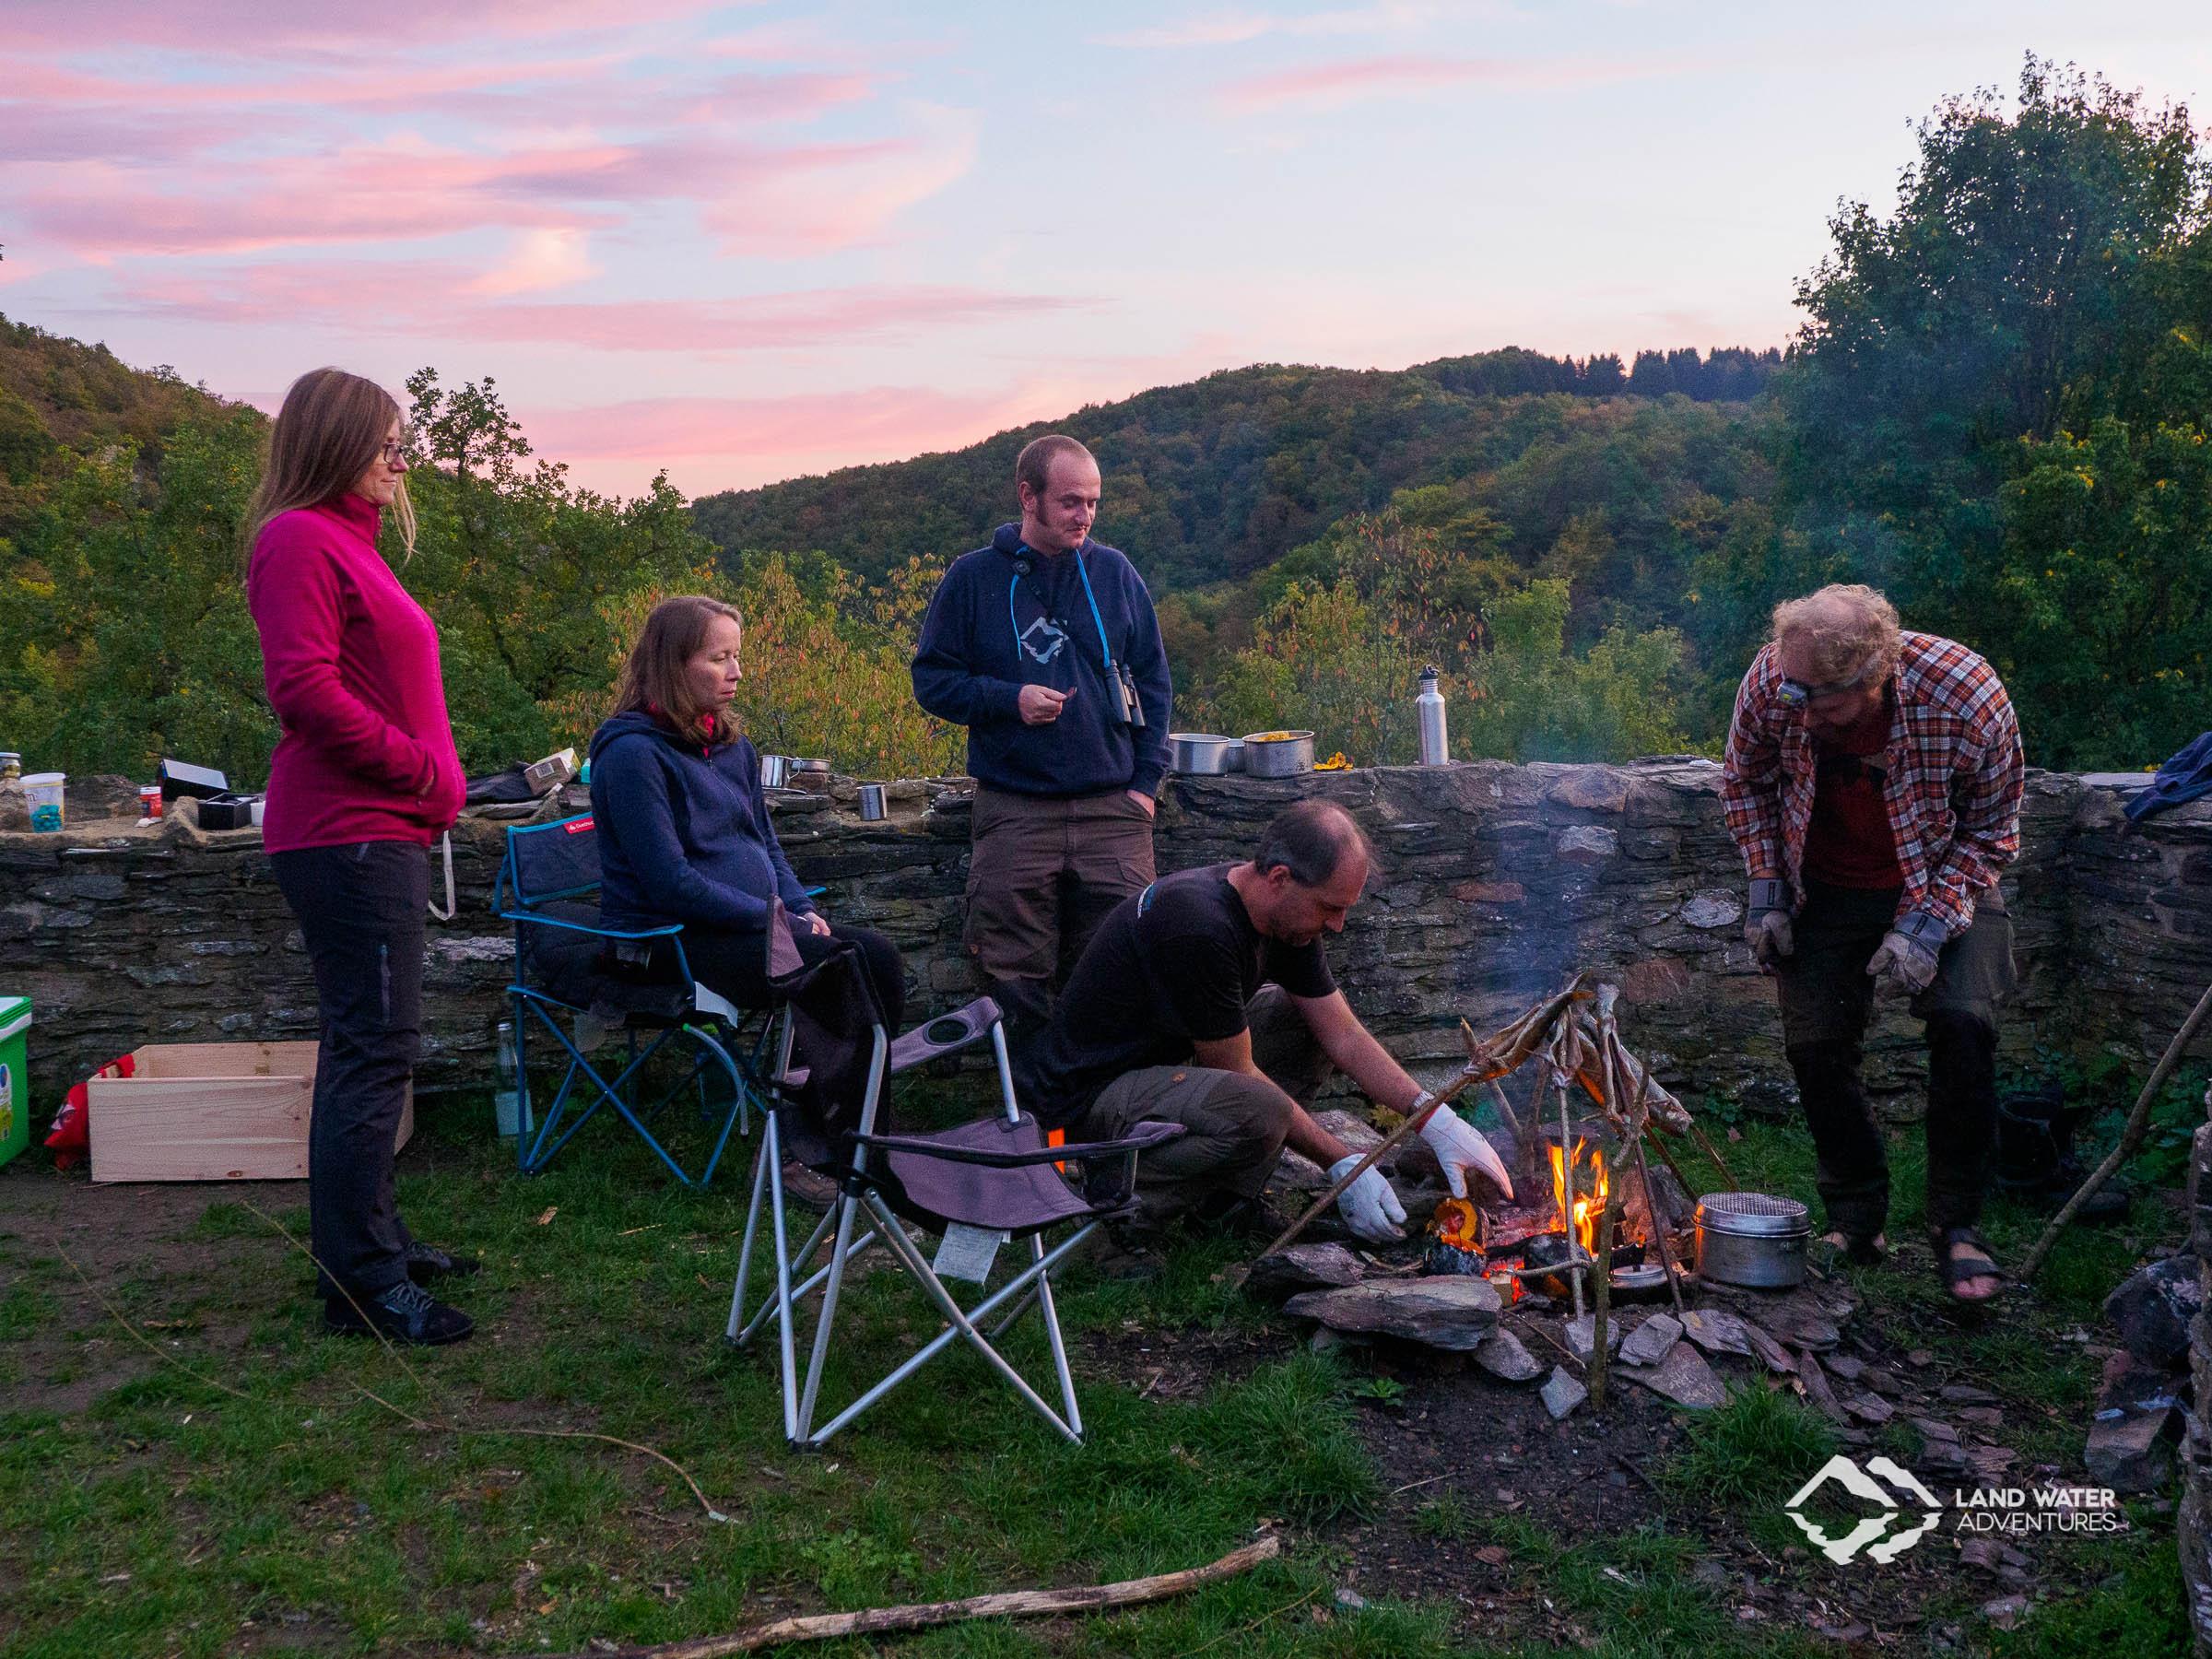 LWA Team 2019 beim Warten aufs Abendessen an der Schmidtburg © Land Water Adventures